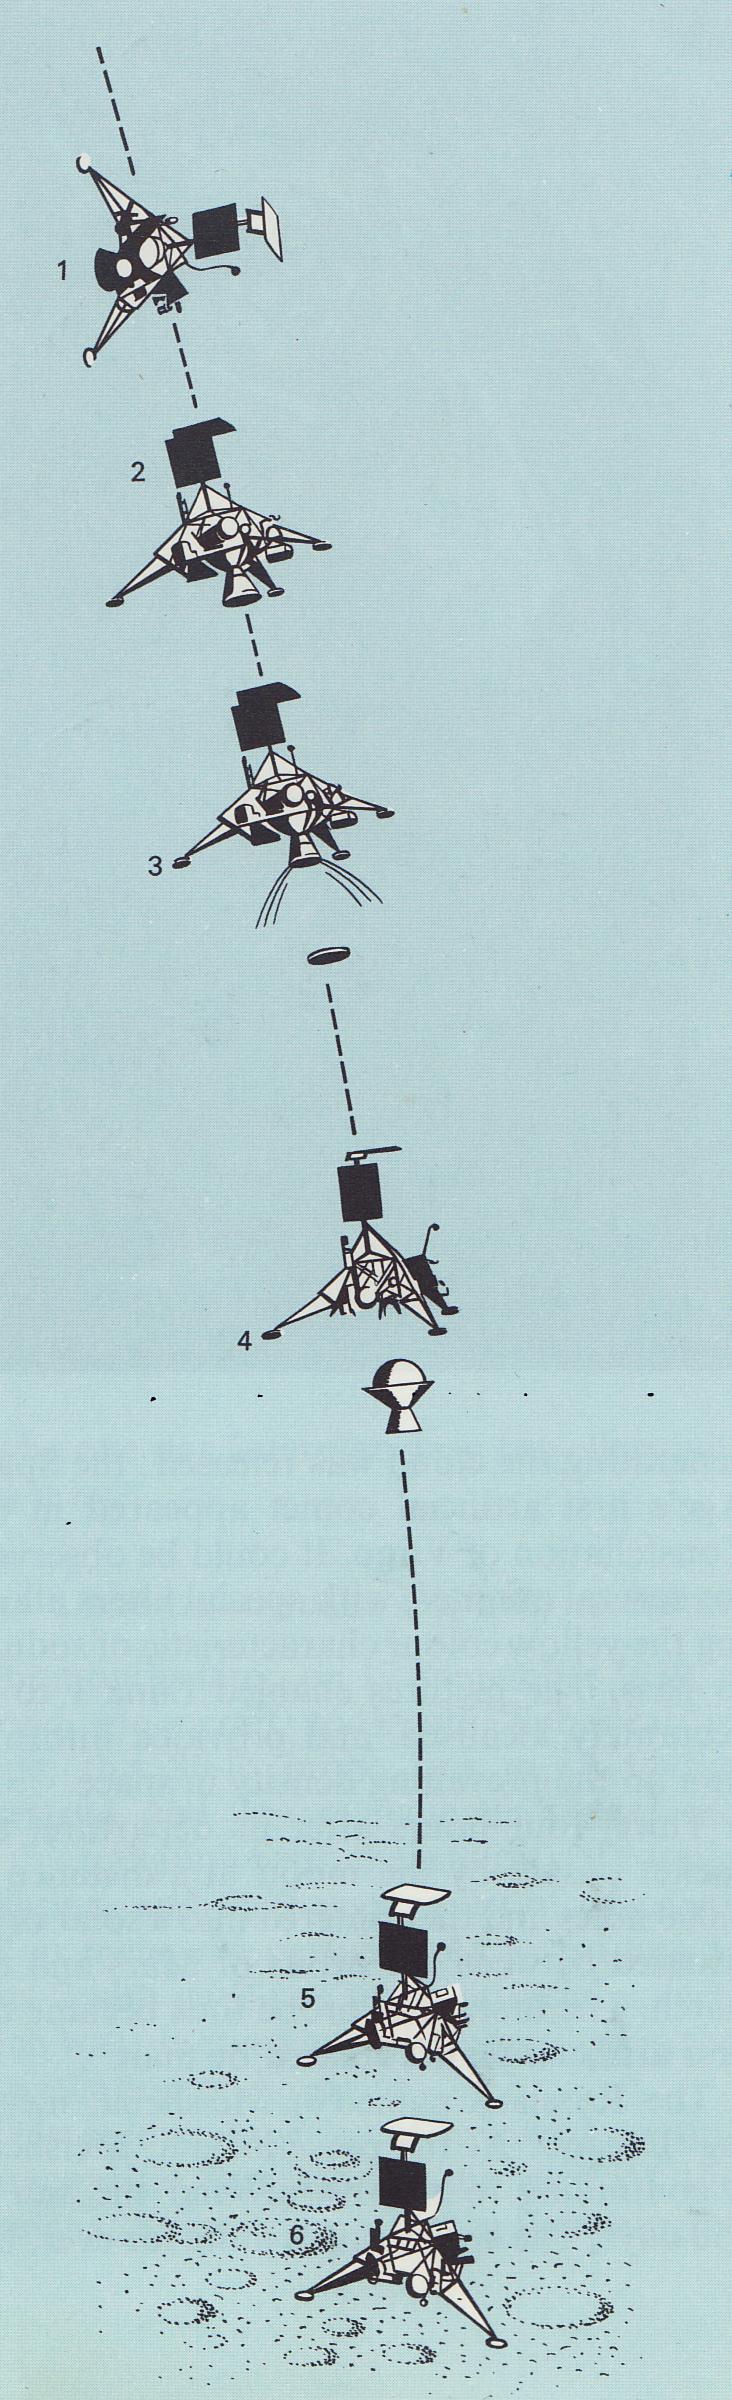 Spacecraft(16).jpg